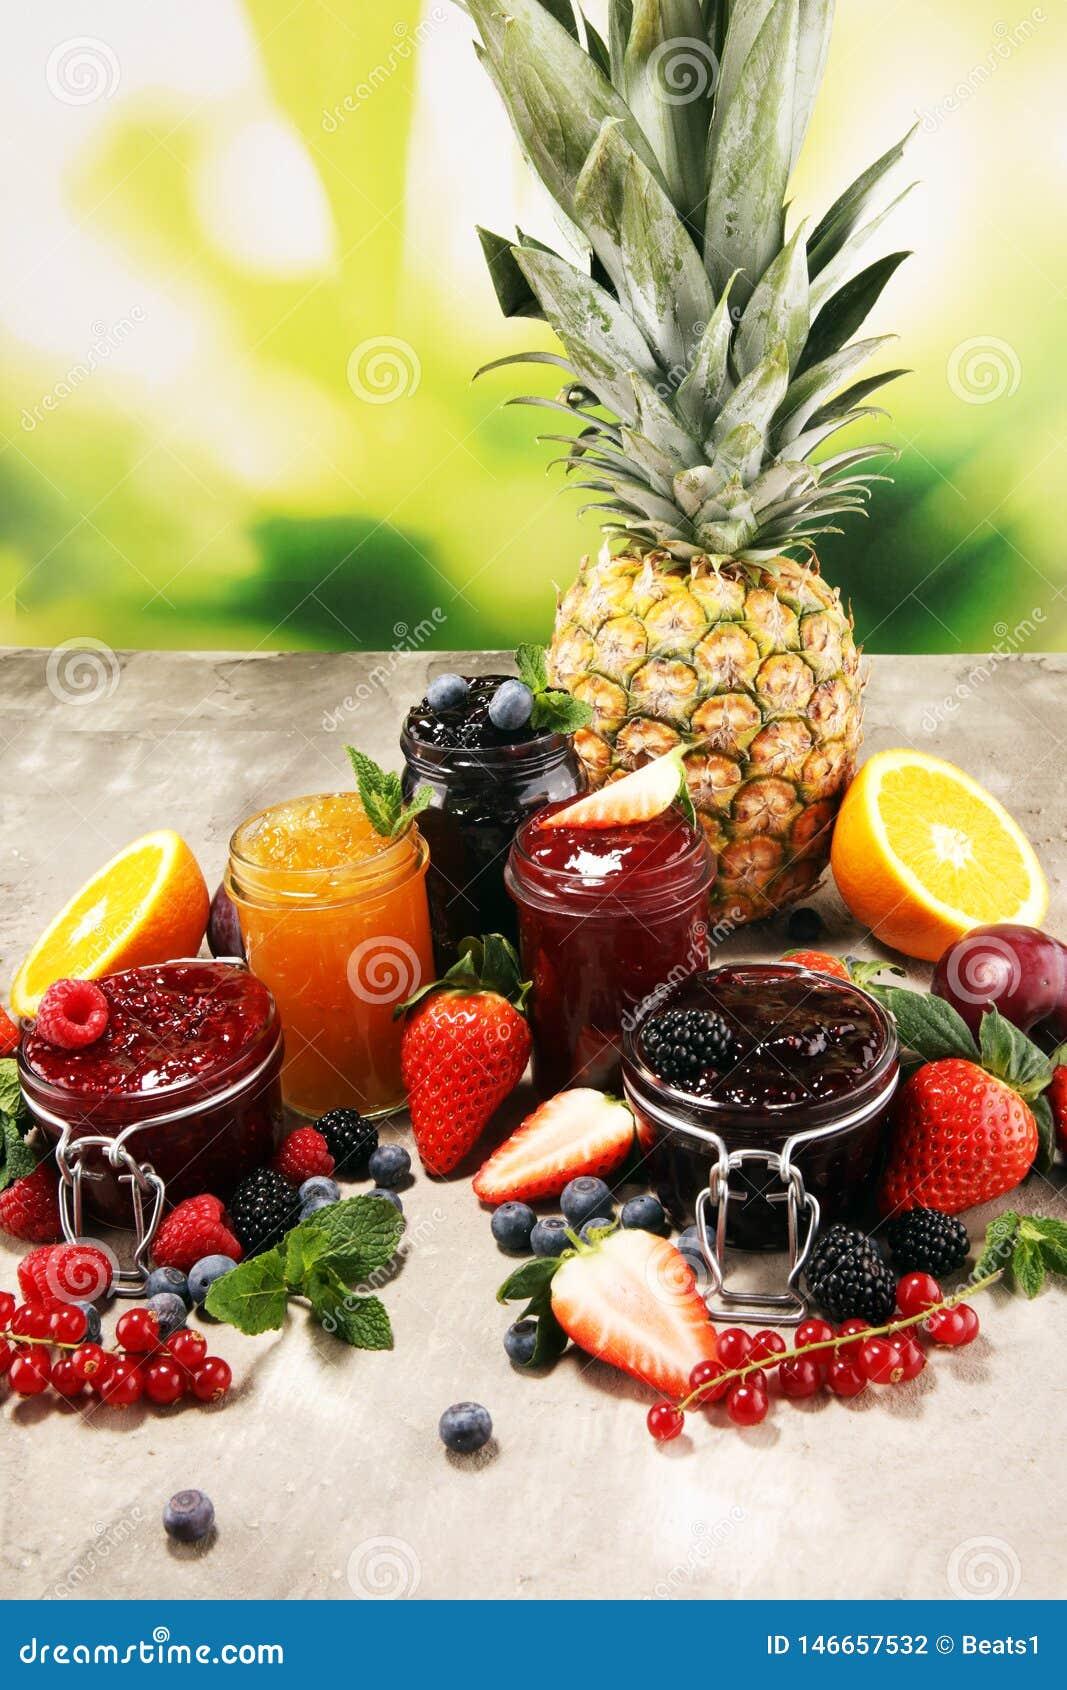 Ассортимент варениь, сезонных ягод, слив, мяты и плодов в стеклянном опарнике